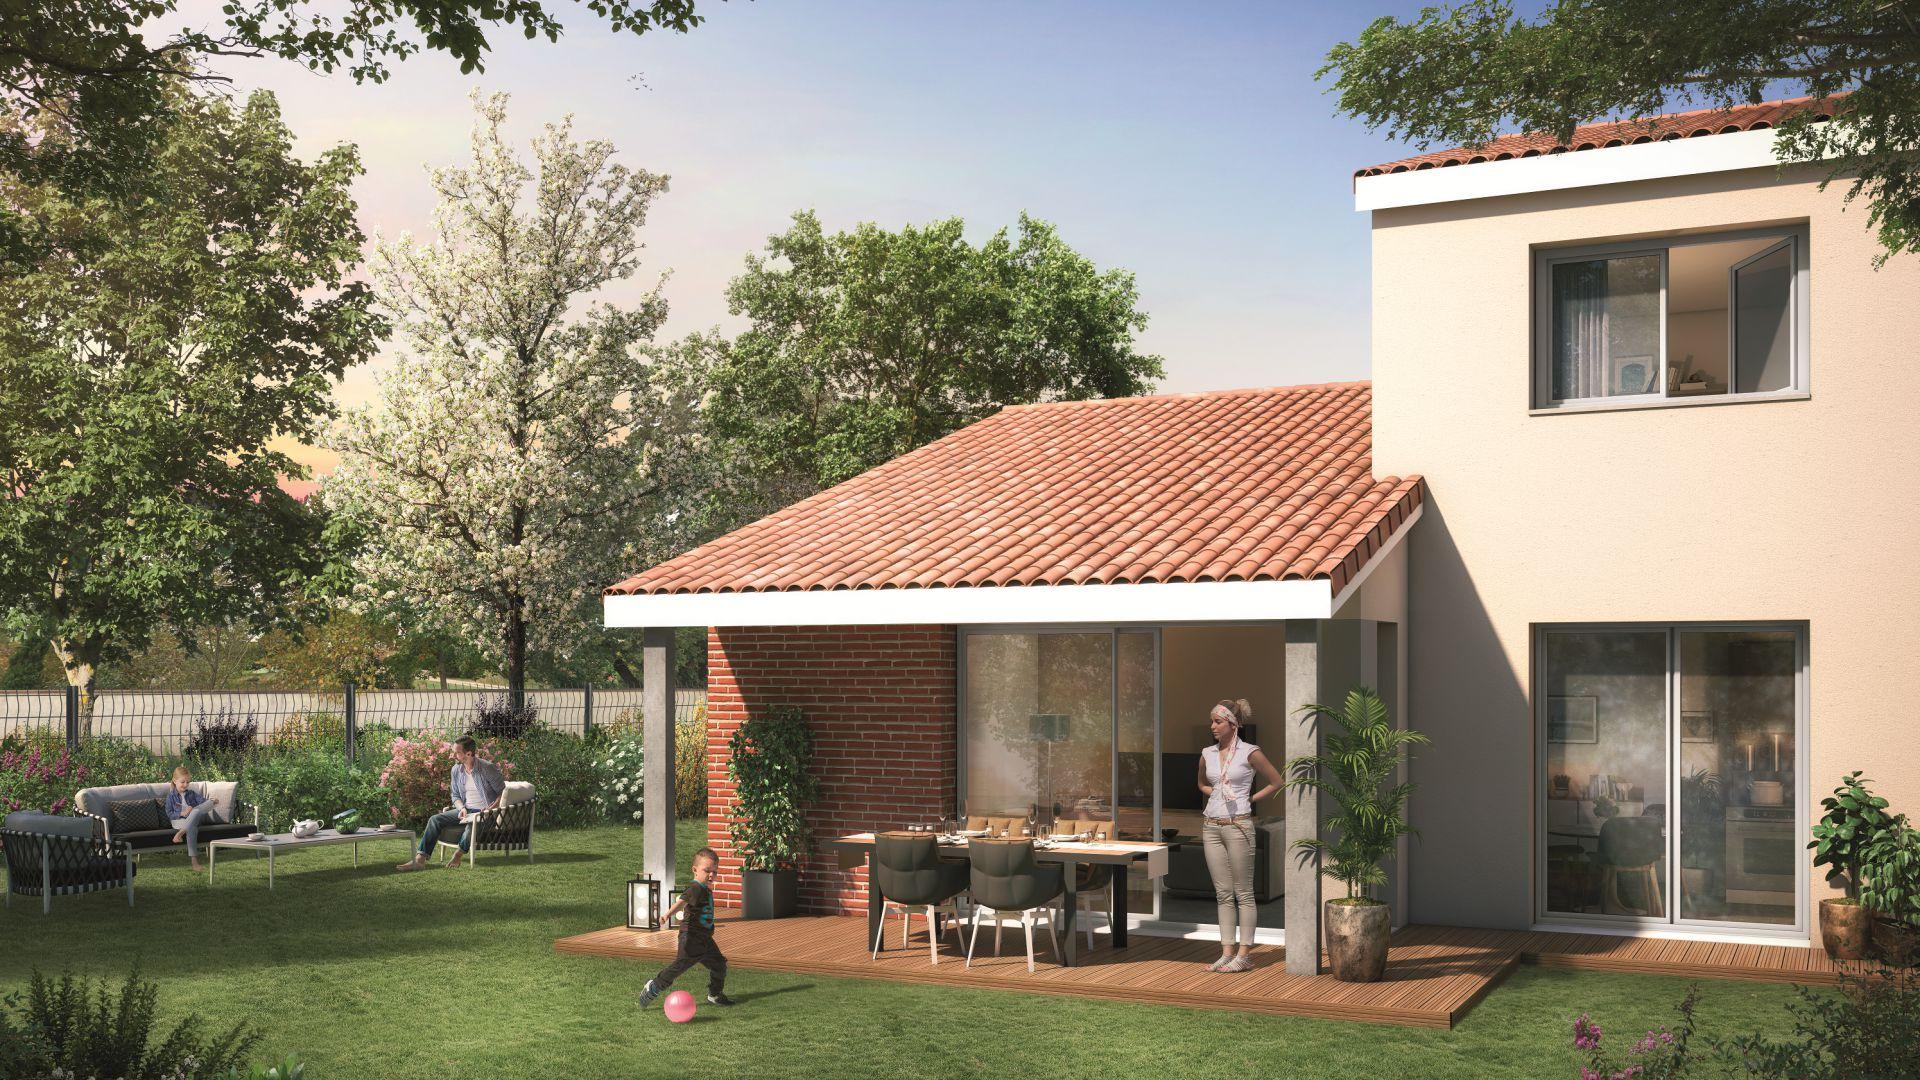 GreenCity immobilier - Tournefeuille 31170 - Résidence Parc Rimbaud - appartements et villas neufs du T2 au T5 - villa T4